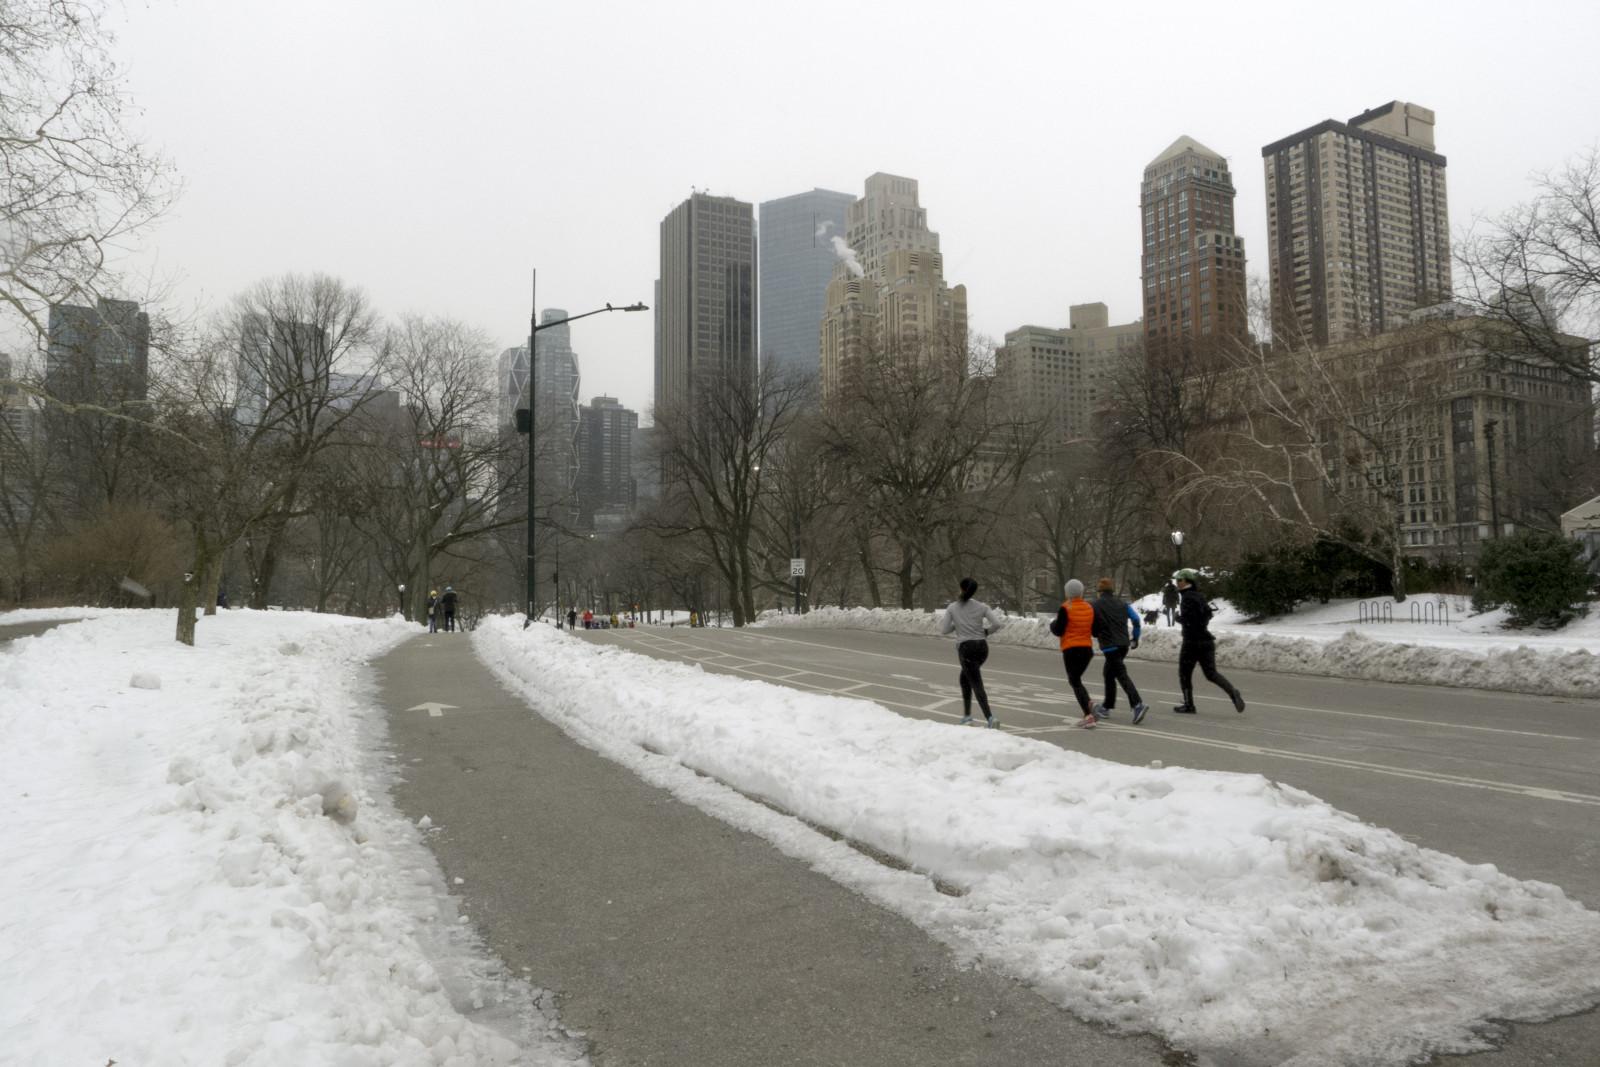 Fond d'écran : neige, hiver, Gel, Météo, saison, blizzard, tempête hivernale 3776x2520 ...